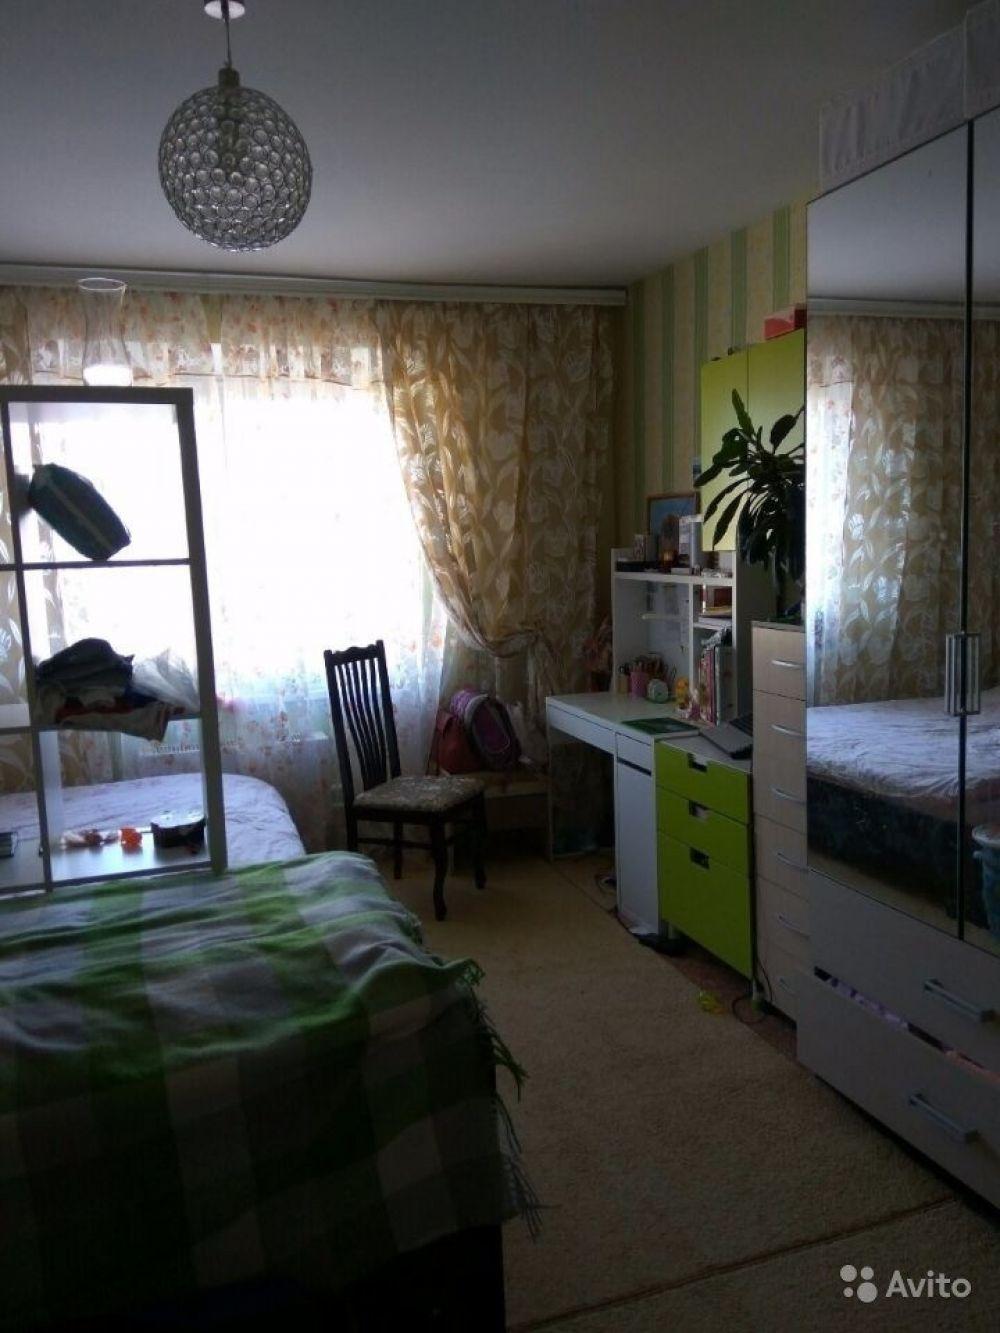 Однокомнатная квартира улучшенной планировки 47.6 м2, г. Щелково, Богородский мкр,10, фото 16